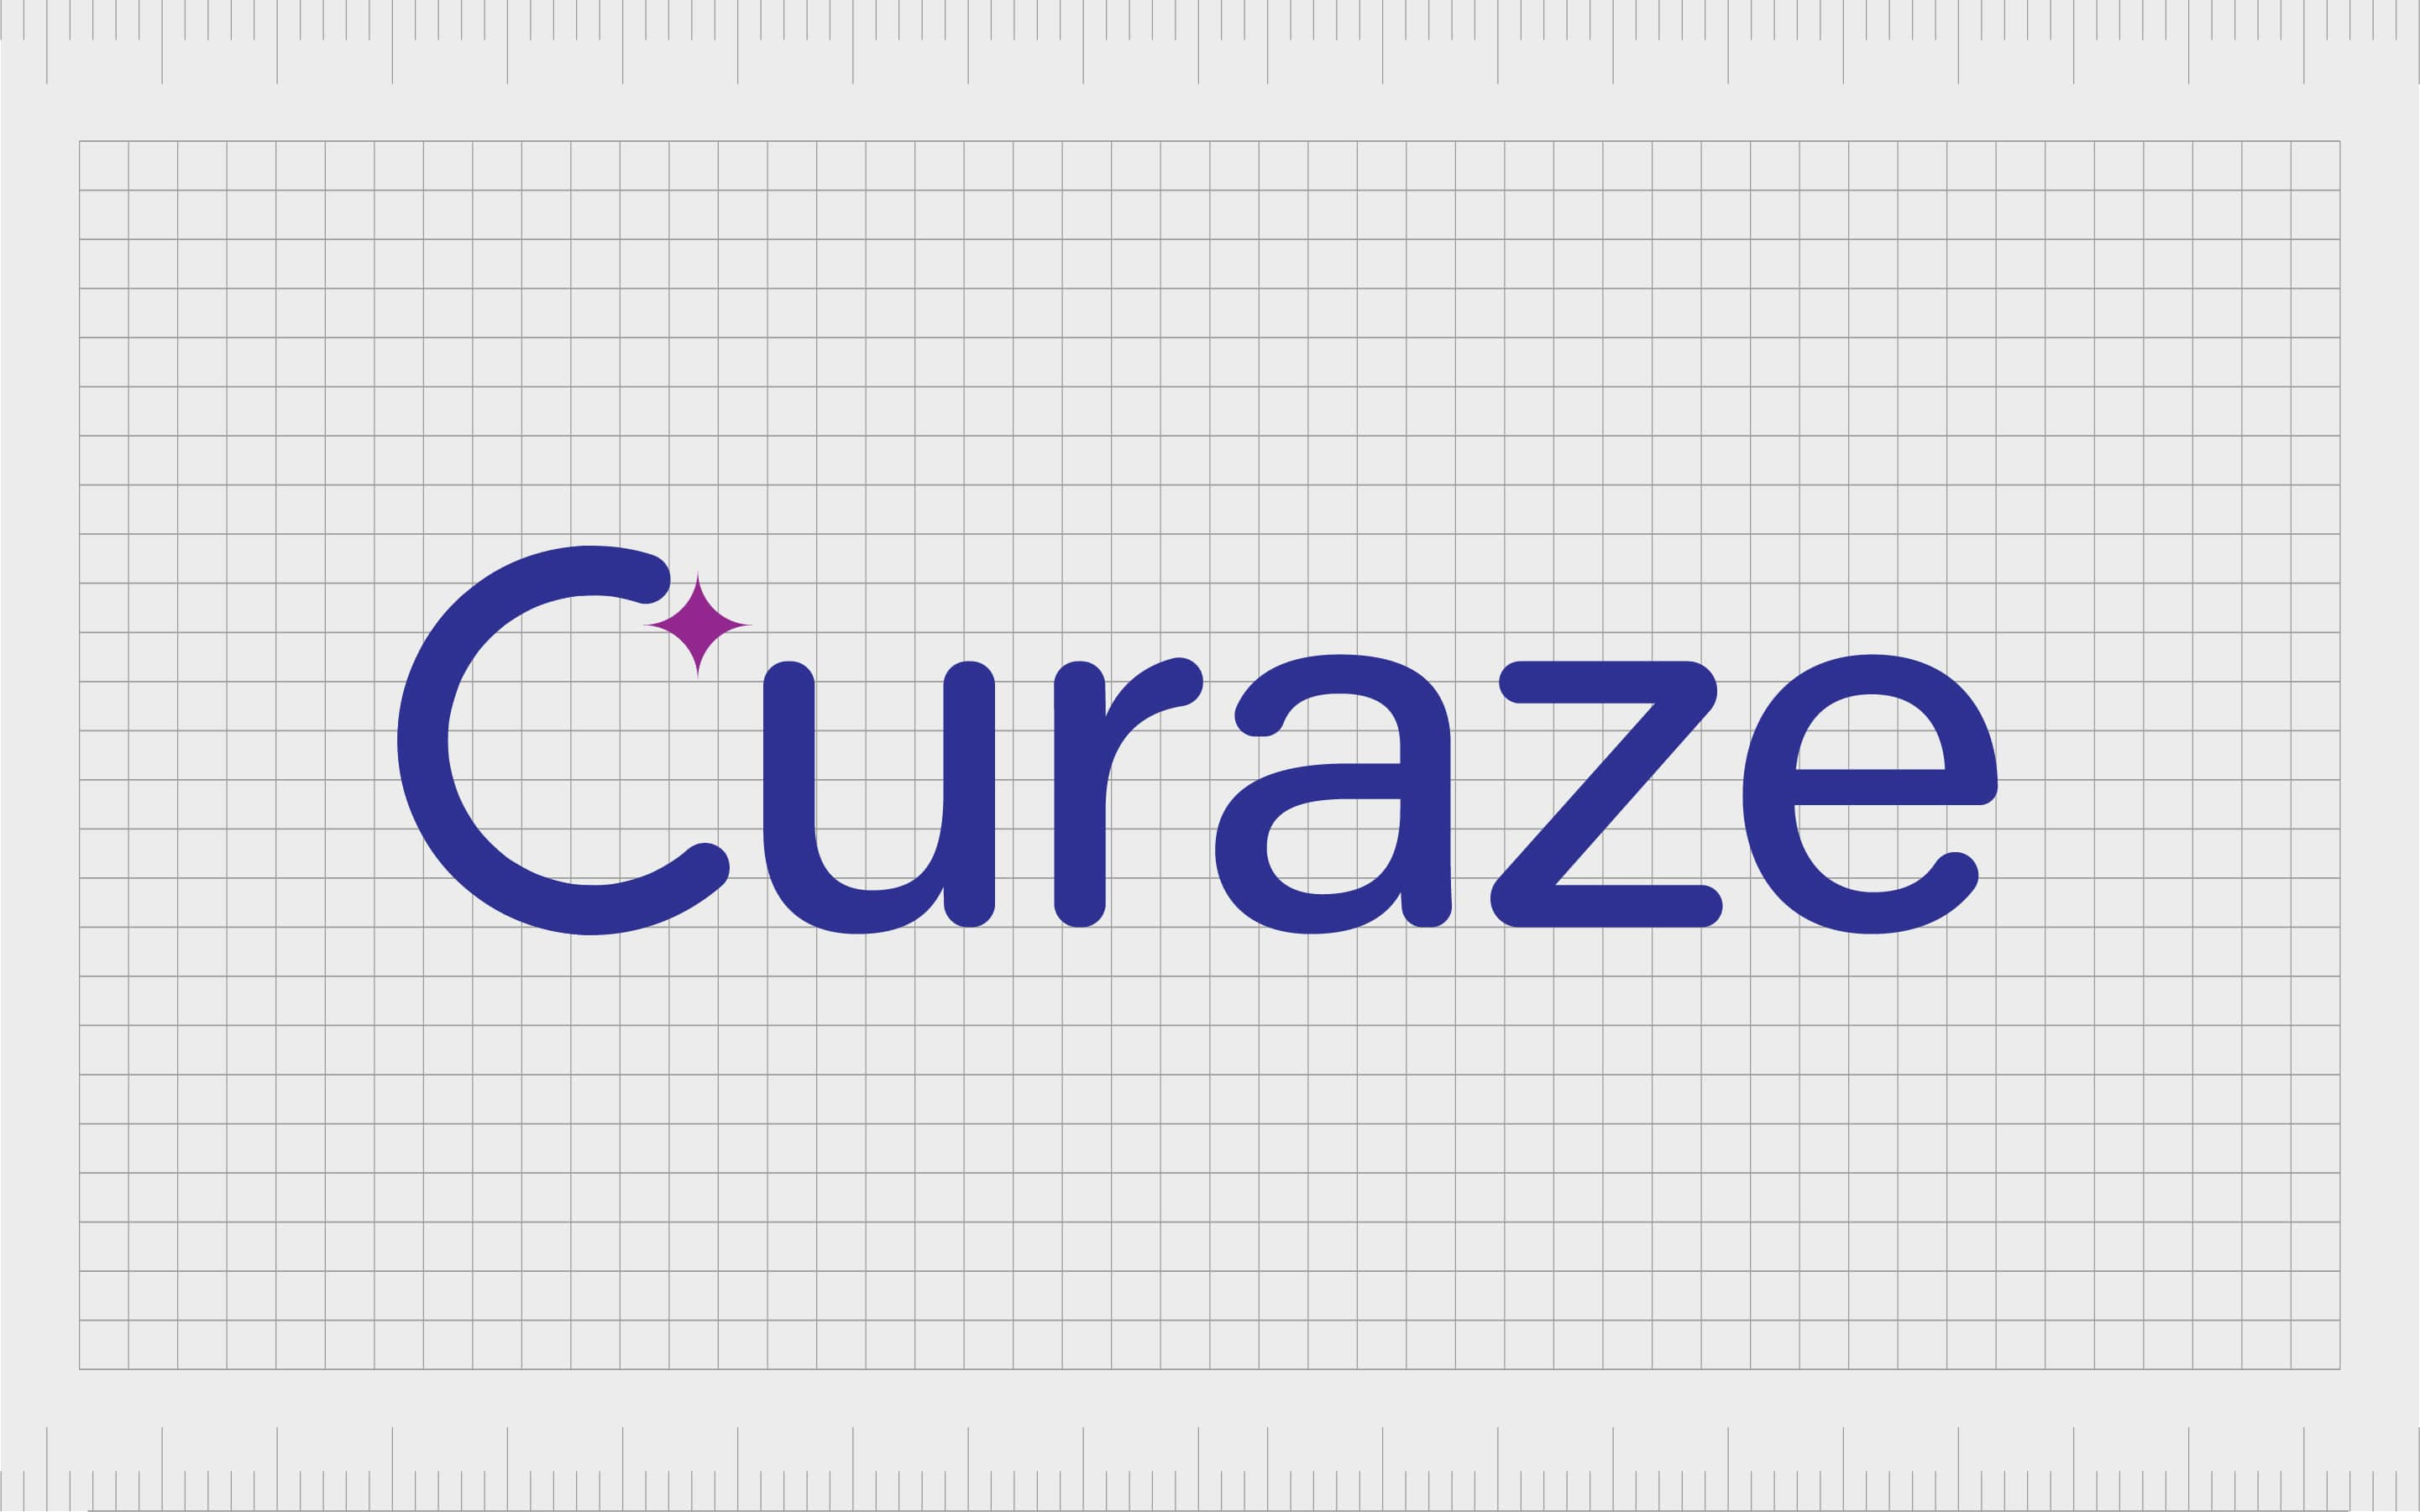 Curaze